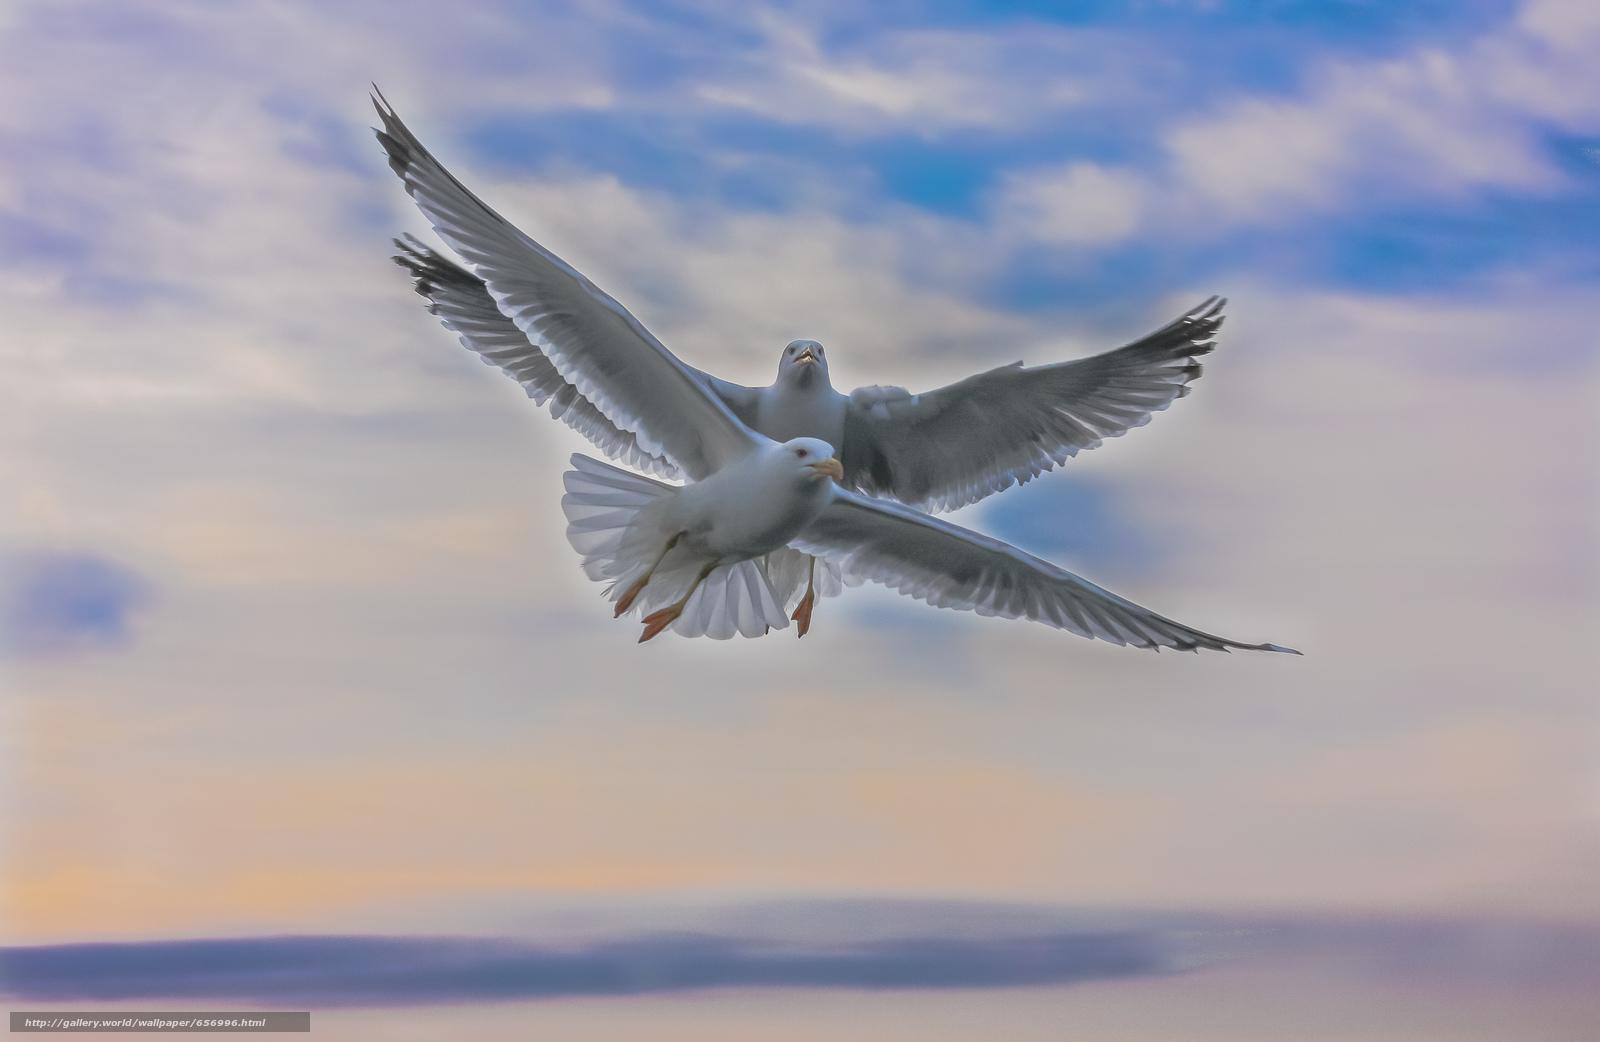 Download Hintergrund Himmel,  SEAGULLS,  Flucht Freie desktop Tapeten in der Auflosung 2048x1334 — bild №656996